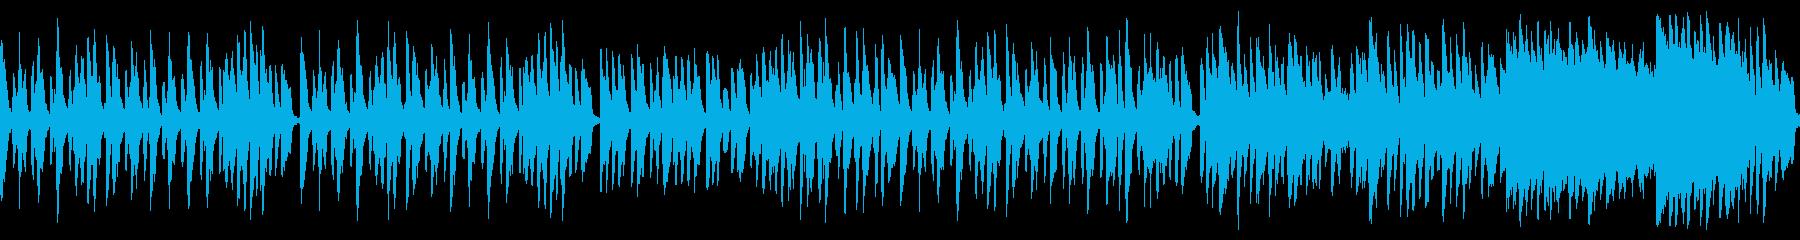 明るく軽やかメルヘン可愛いワルツ(ループの再生済みの波形